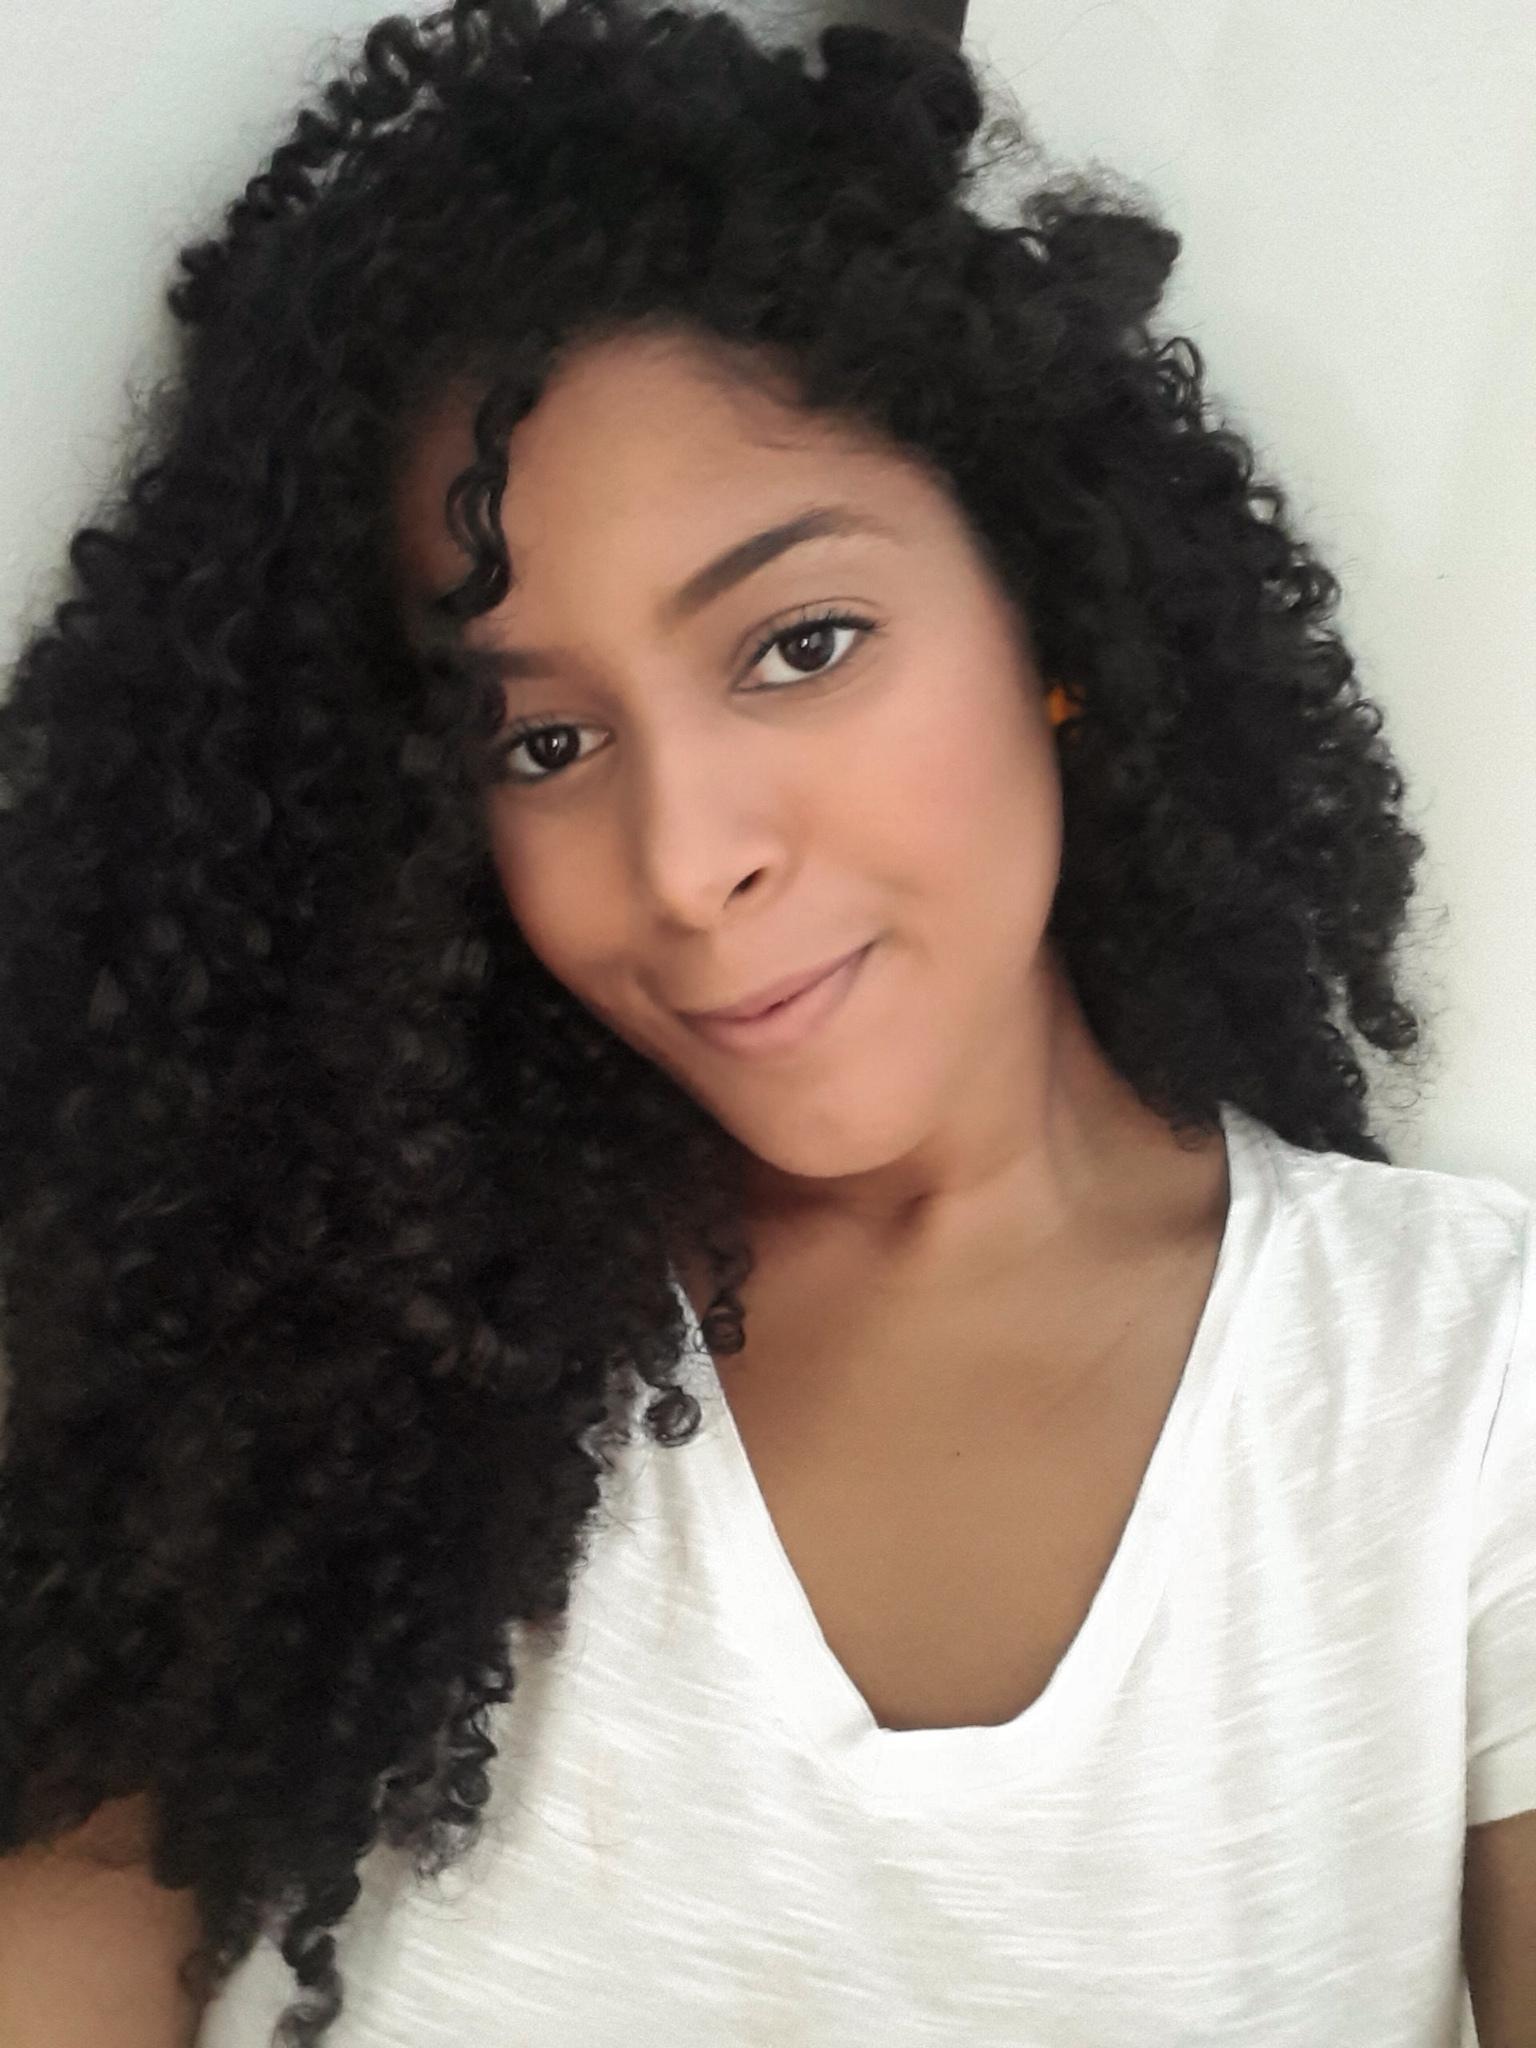 Paloma Machado